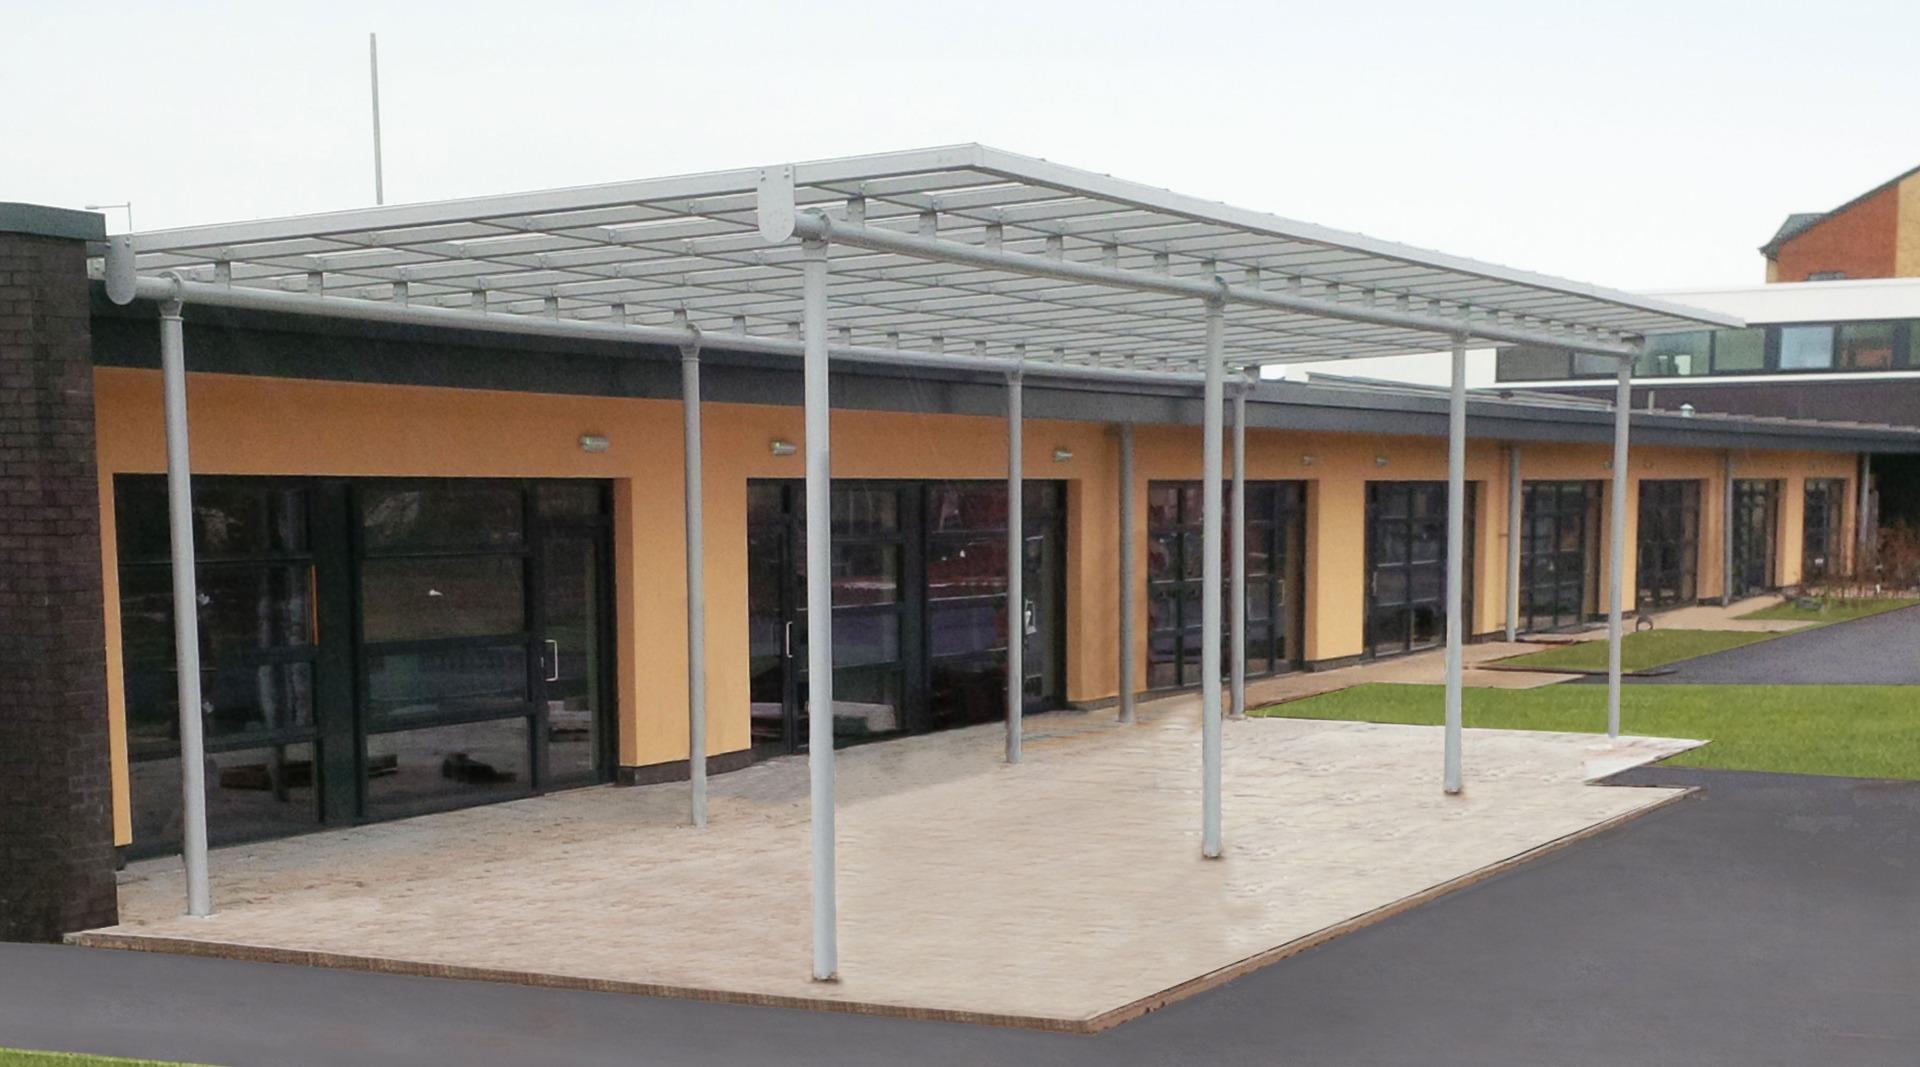 Lawley Primary School